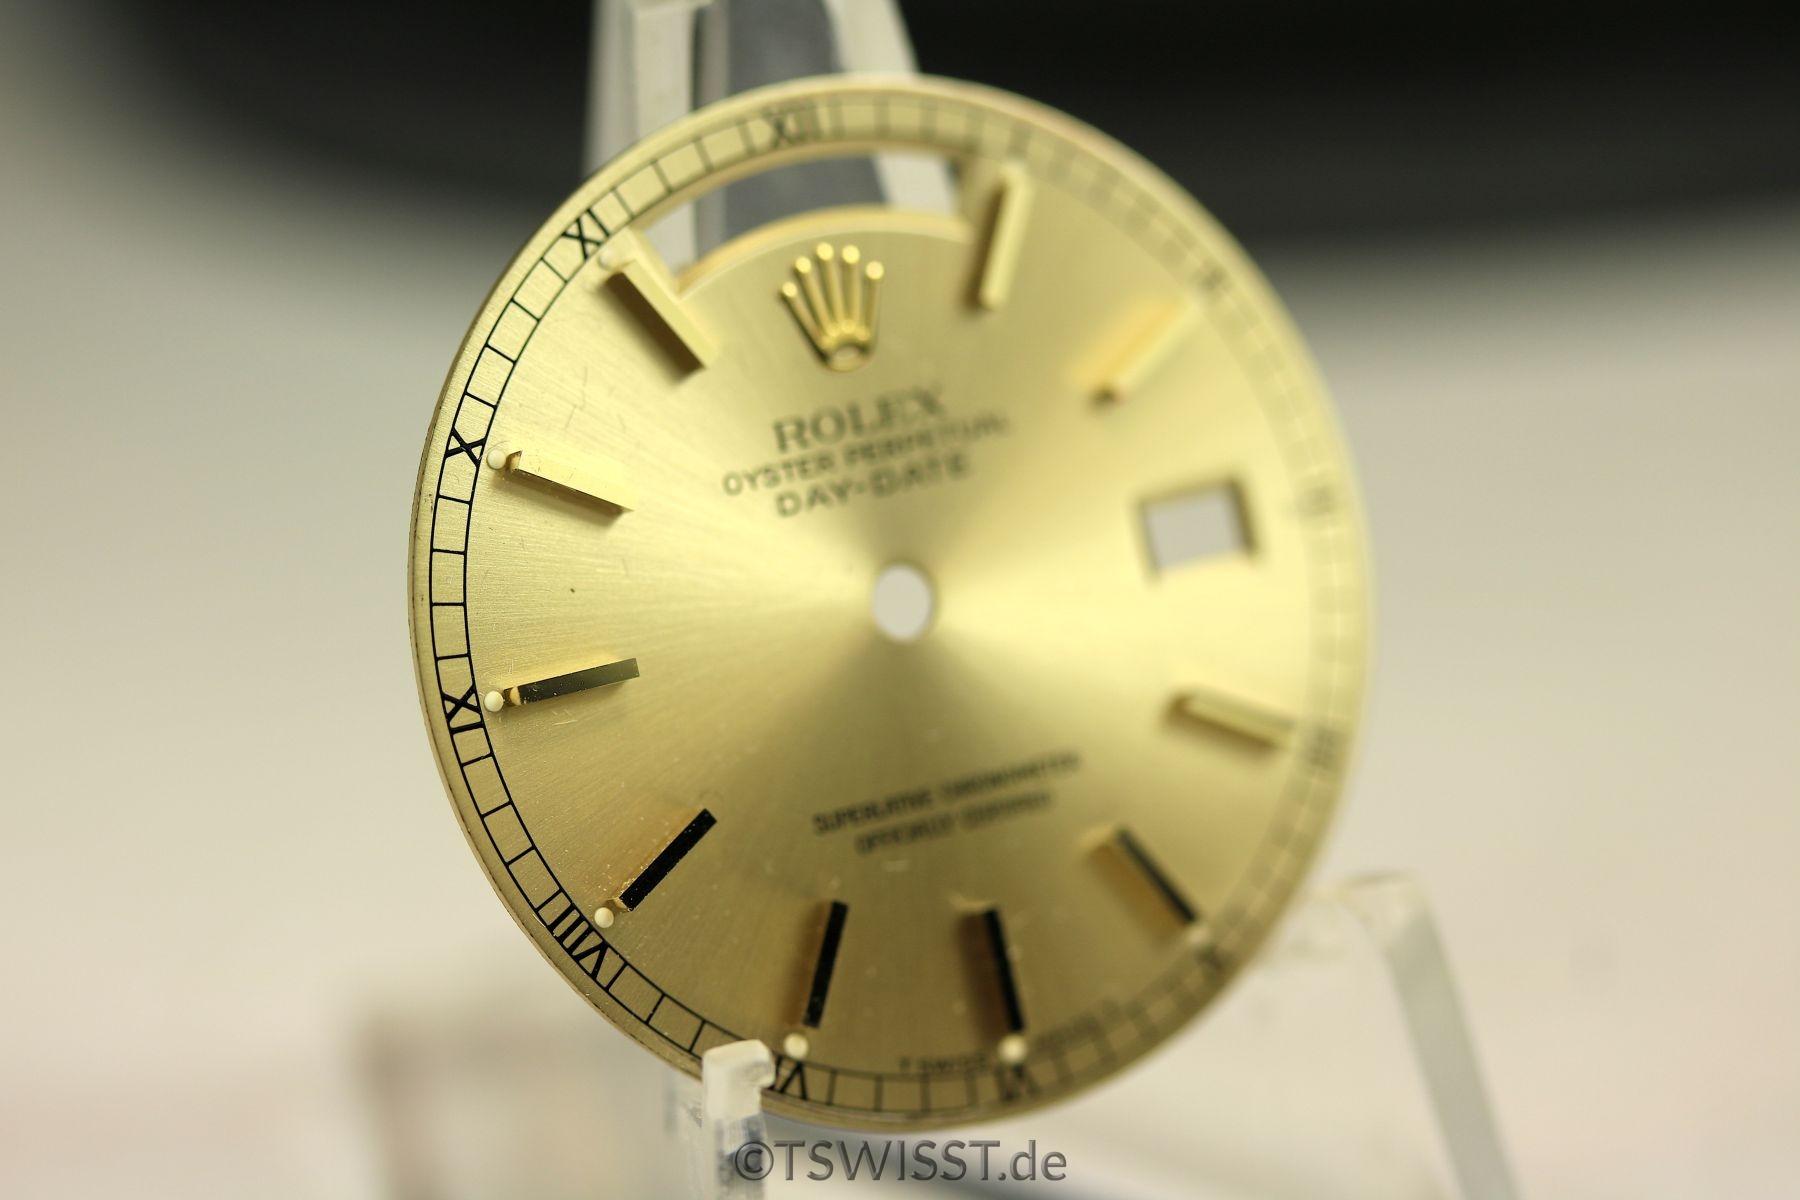 Rolex Champagne Daydate dial